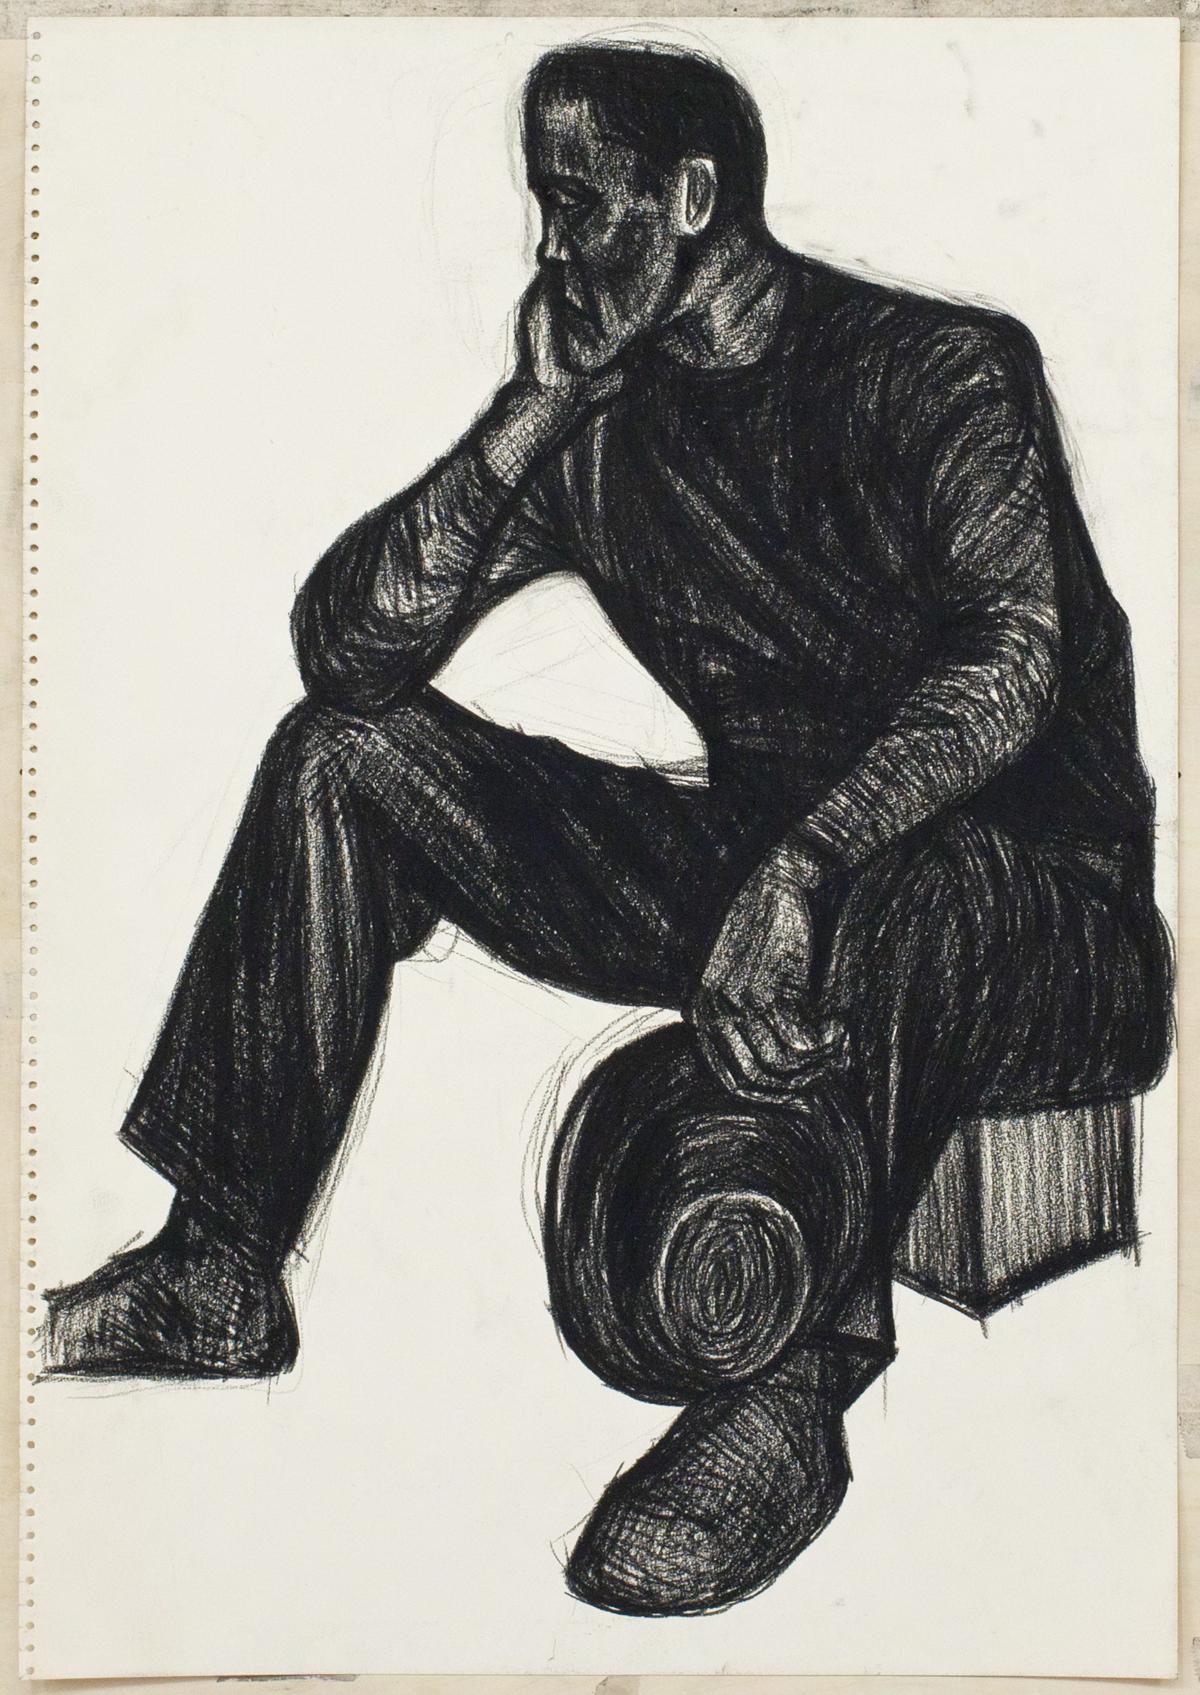 無題(帽子を持って座る人物)の画像